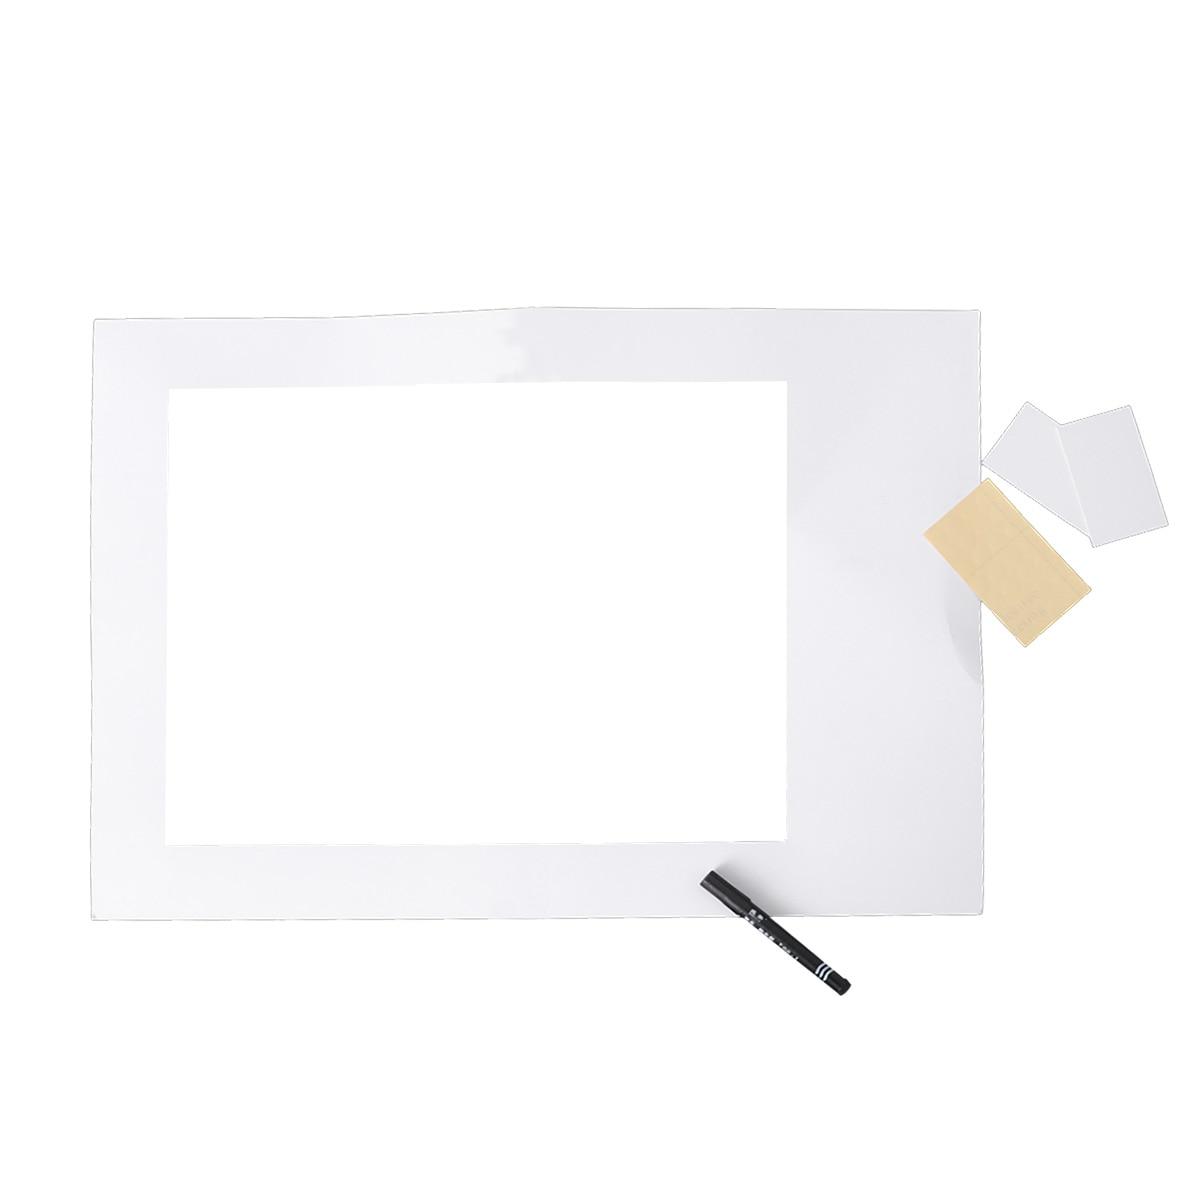 1 Pc Papier Bild Rahmen Ausschnitte Blank Diy Cretive Photo Booth Requisiten Partei Liefert Für Hochzeit Geburtstag Graduierung